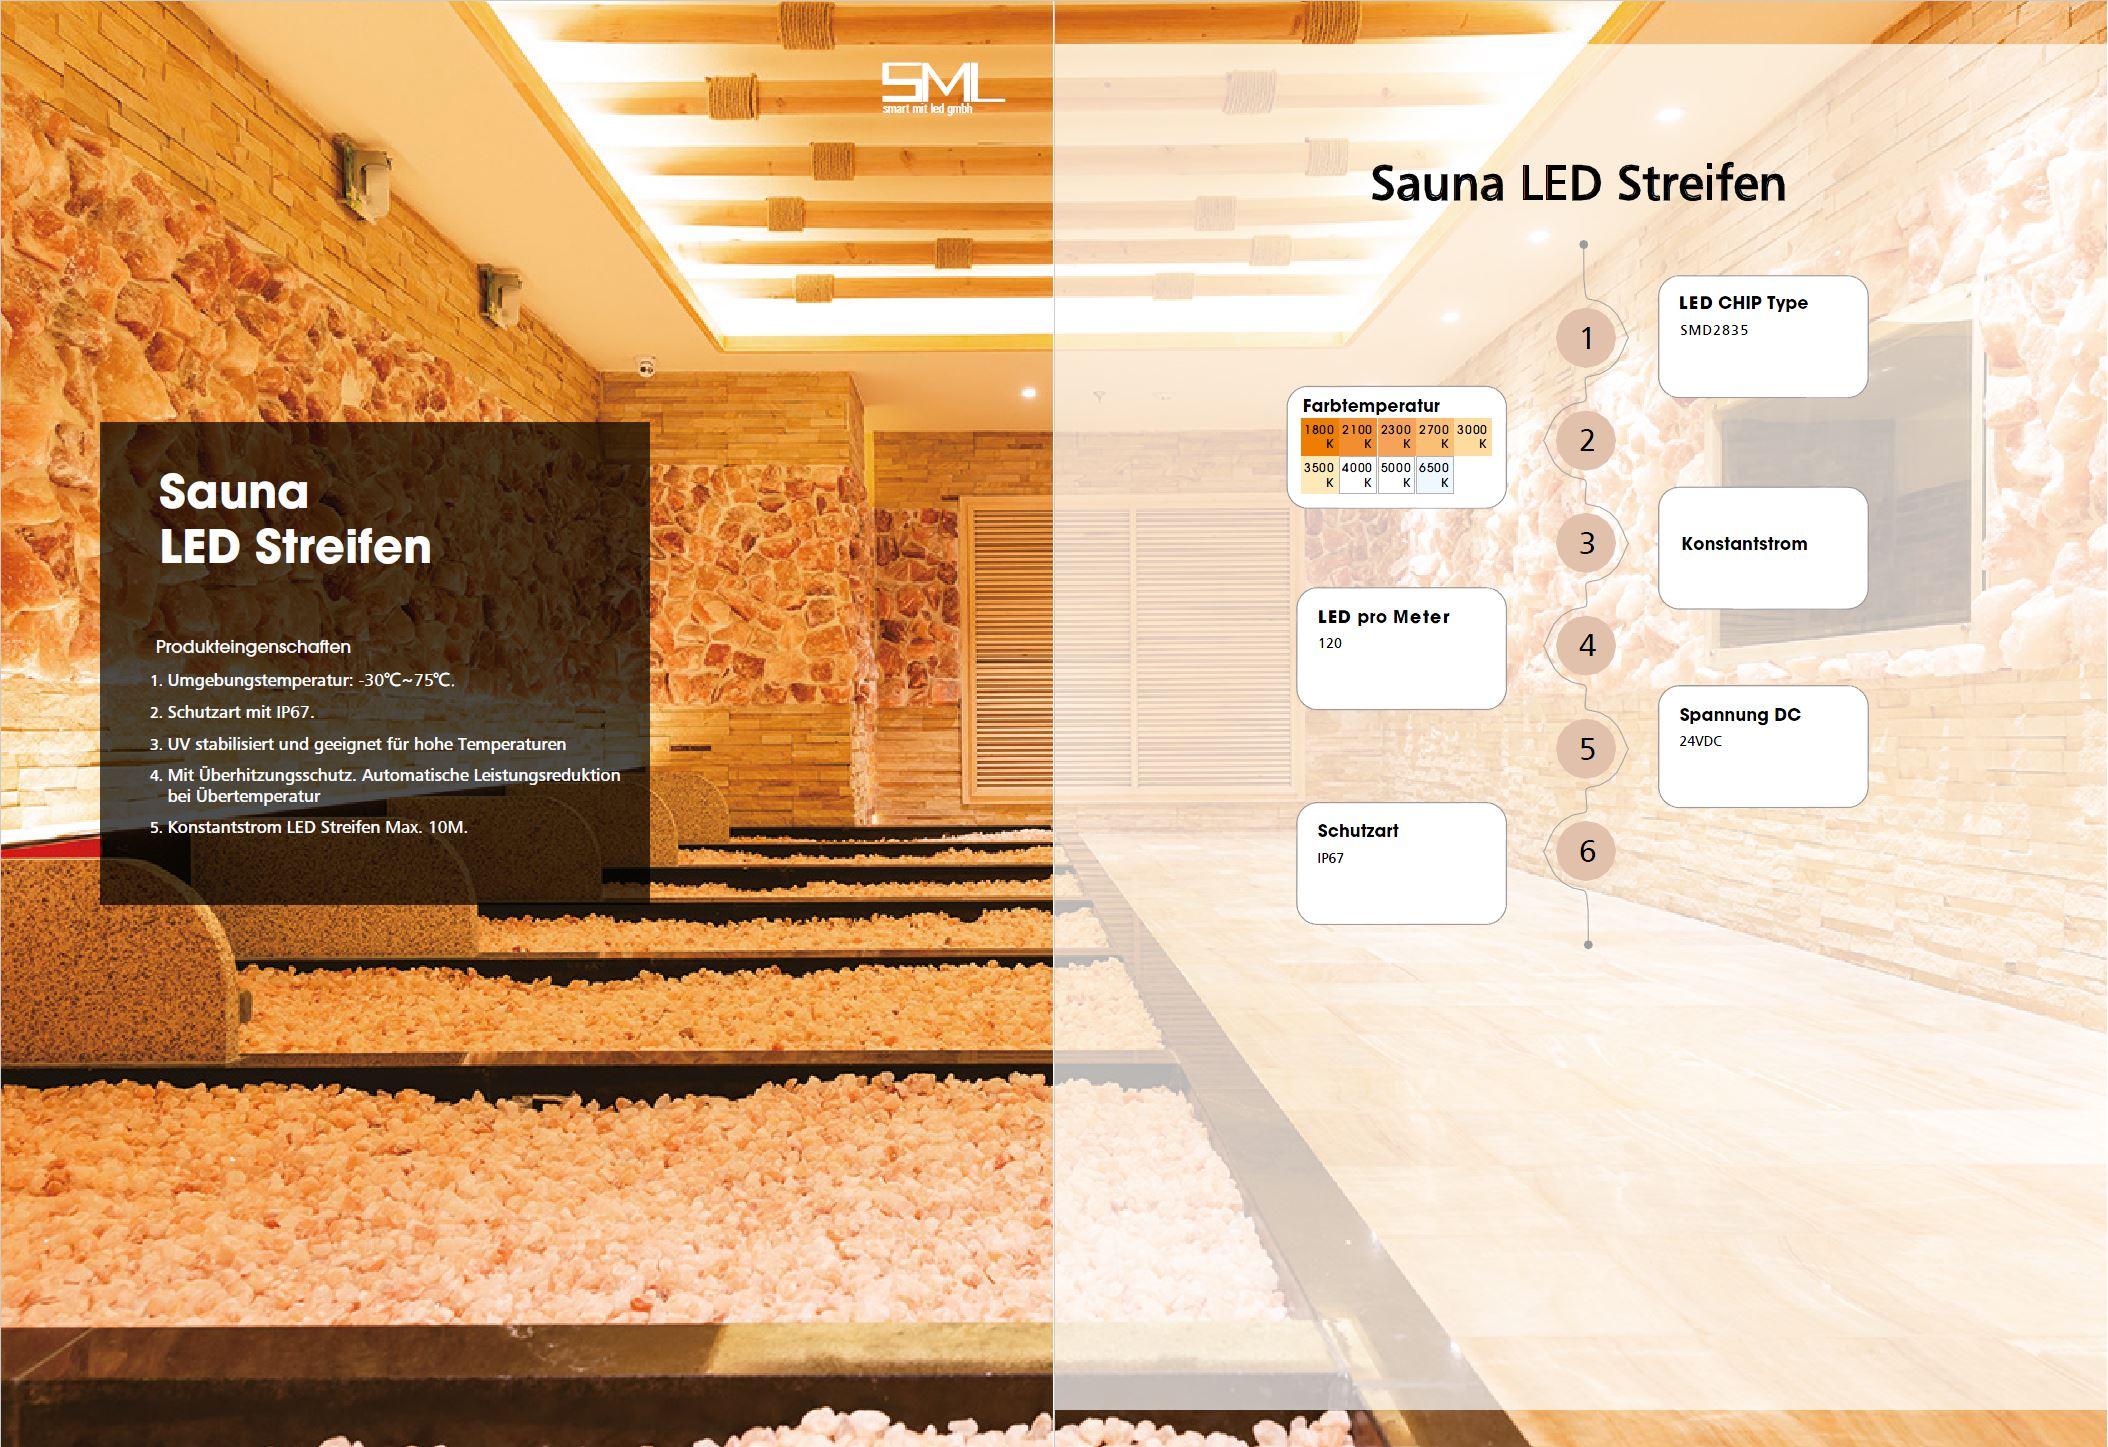 SML LED Streifen für Sauna. LED Strip für Sauna von SML LED